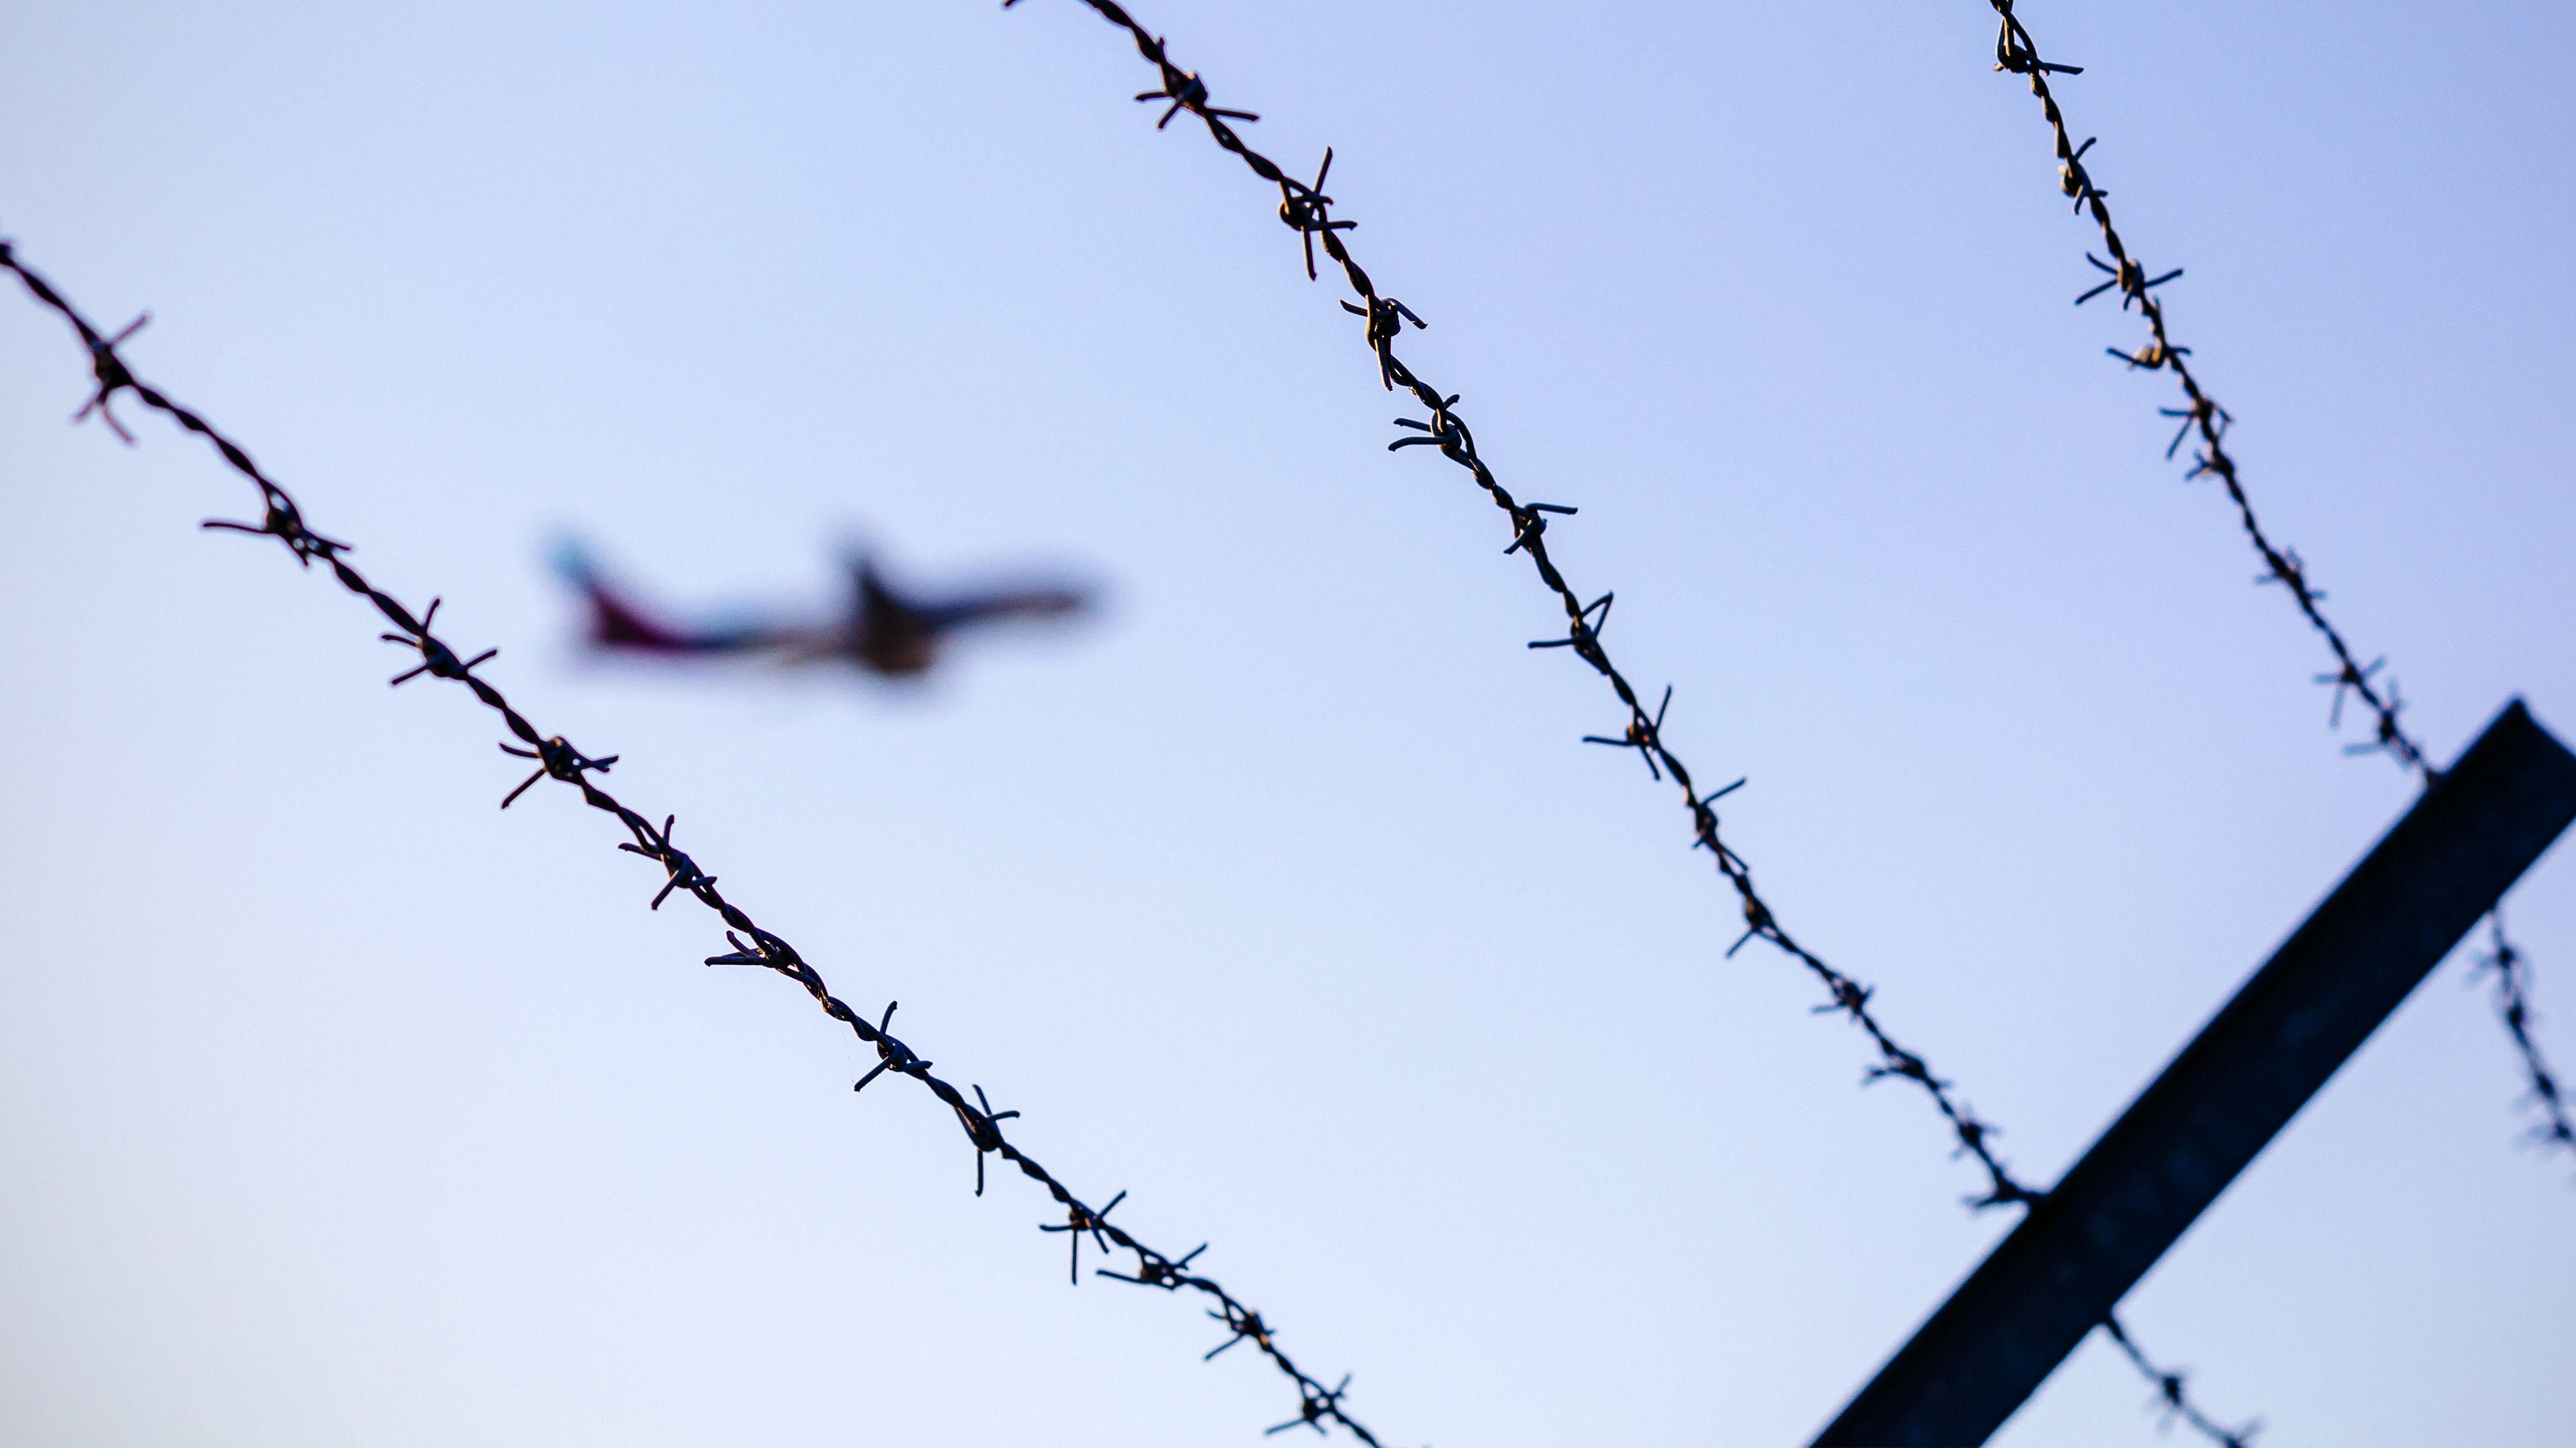 Symbolbild: Flugzeug hinter Stacheldraht. Abschiebung von Flüchtlingen ohne Asylrecht.